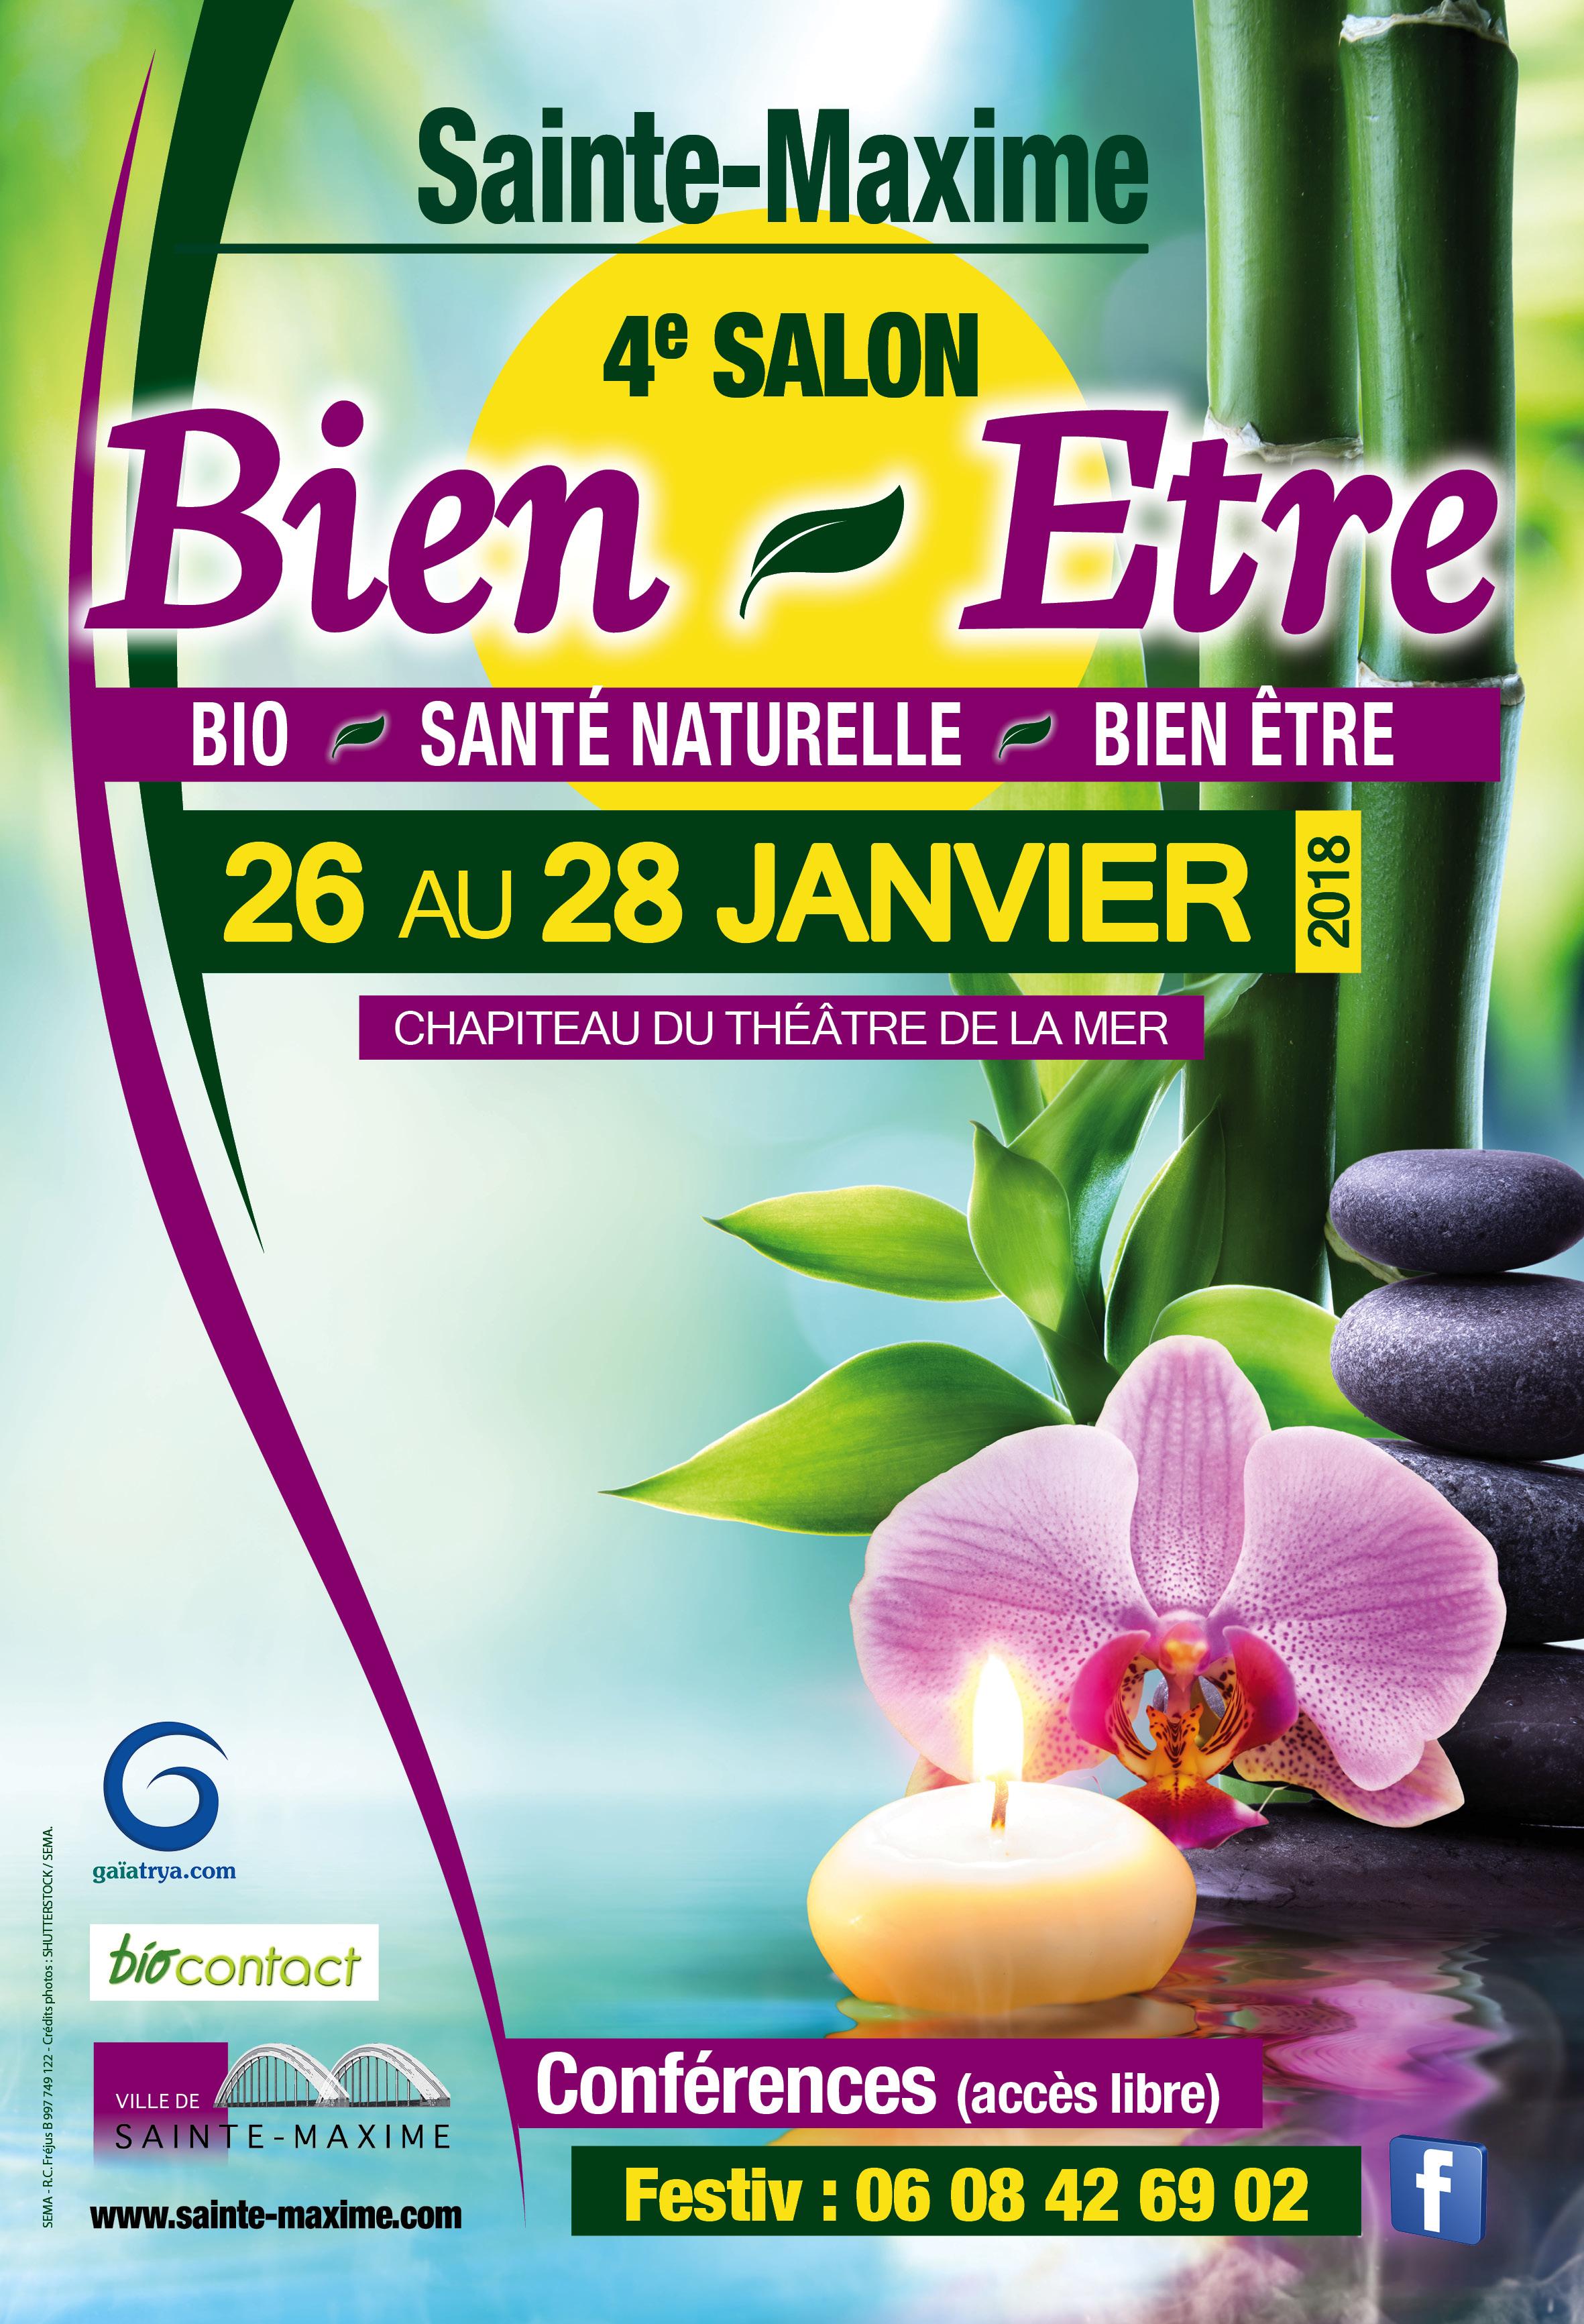 salon du bien-etre de Sainte-Maxime